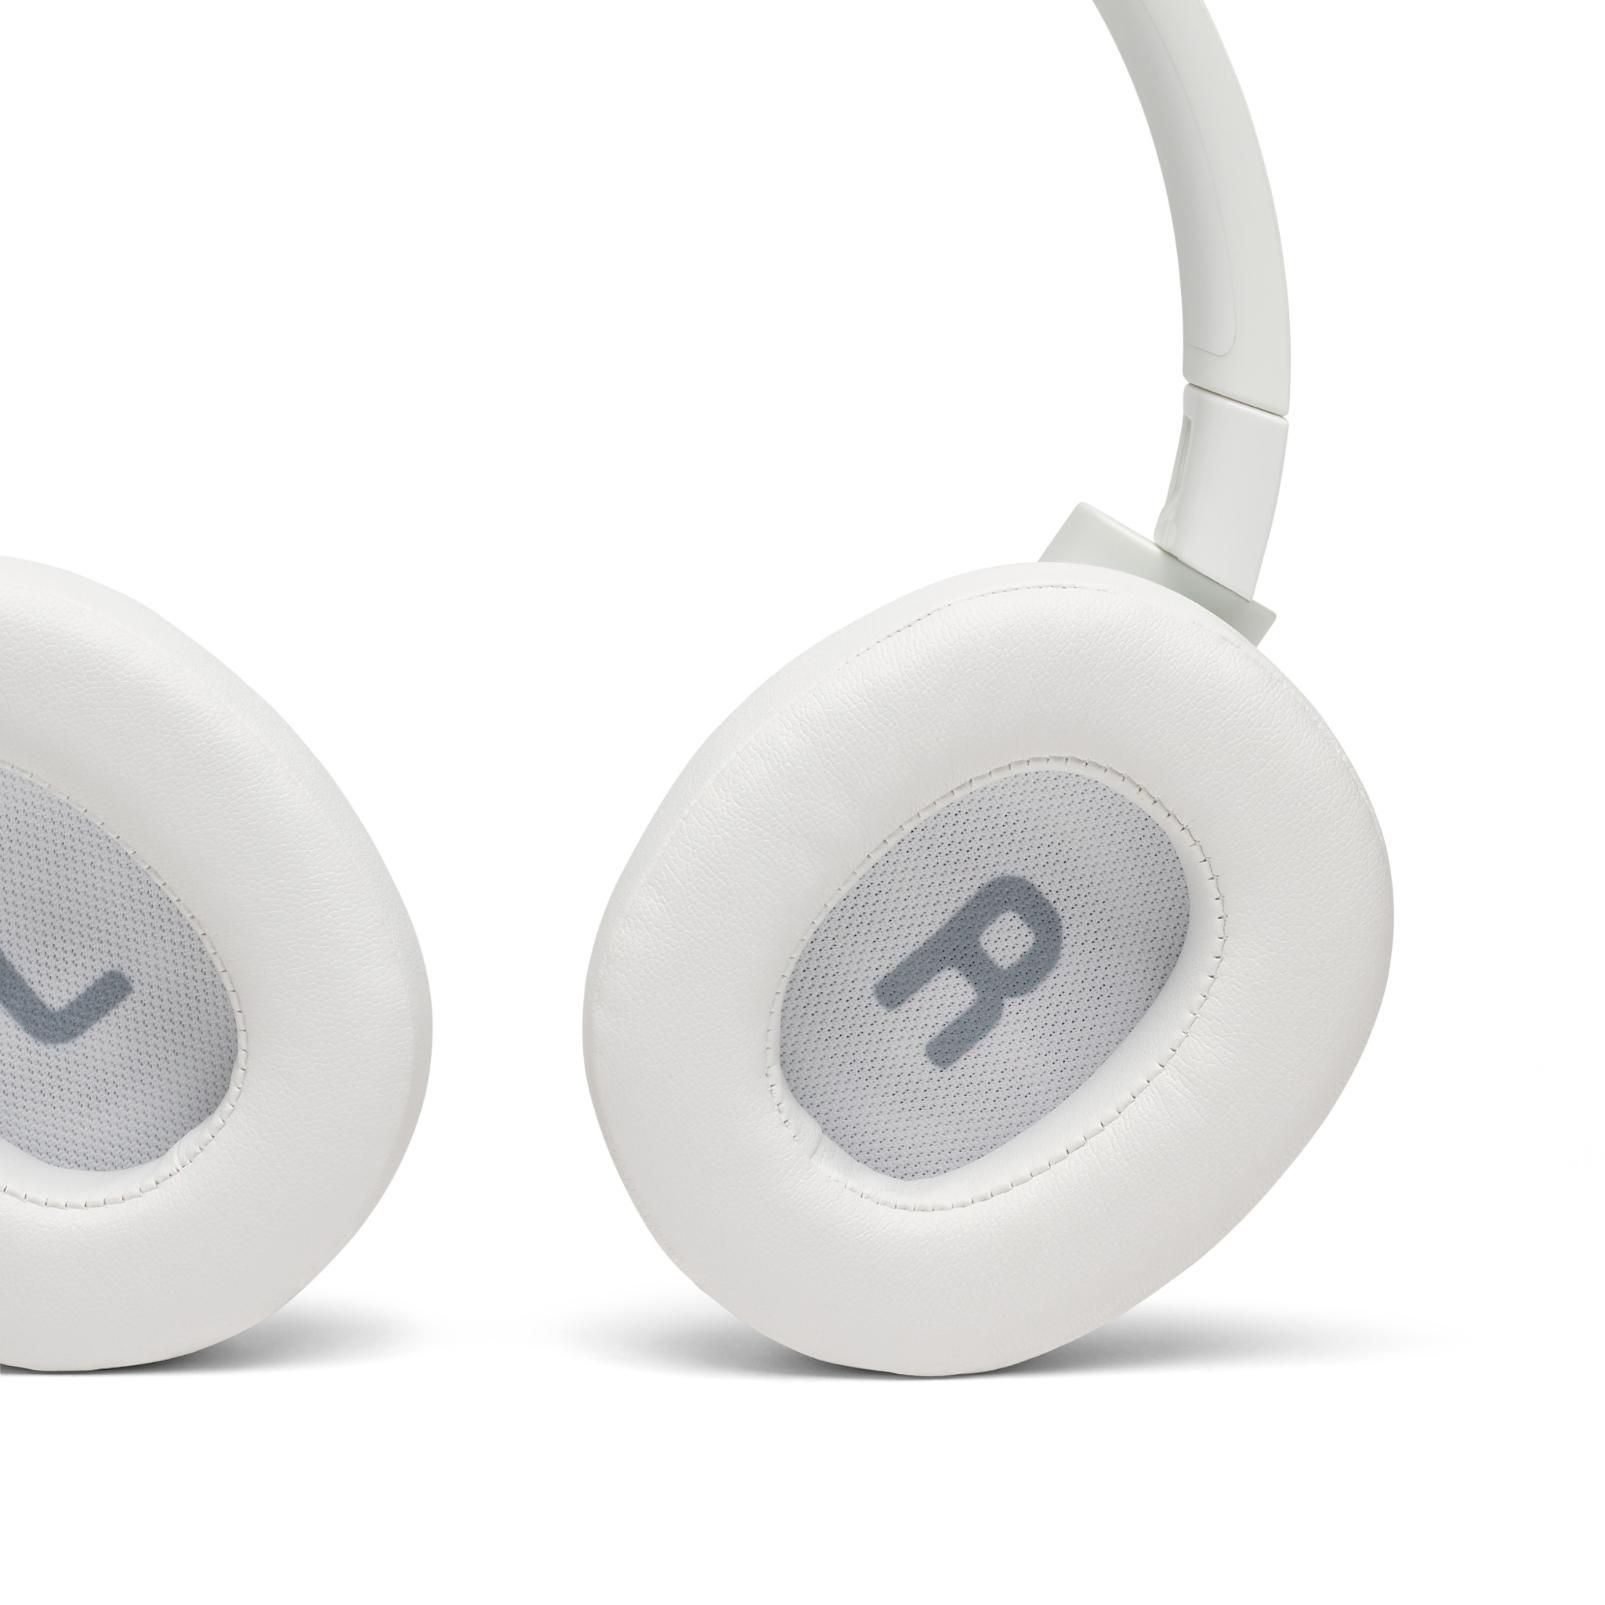 JBL TUNE 750BTNC - White - Wireless Over-Ear ANC Headphones - Detailshot 4